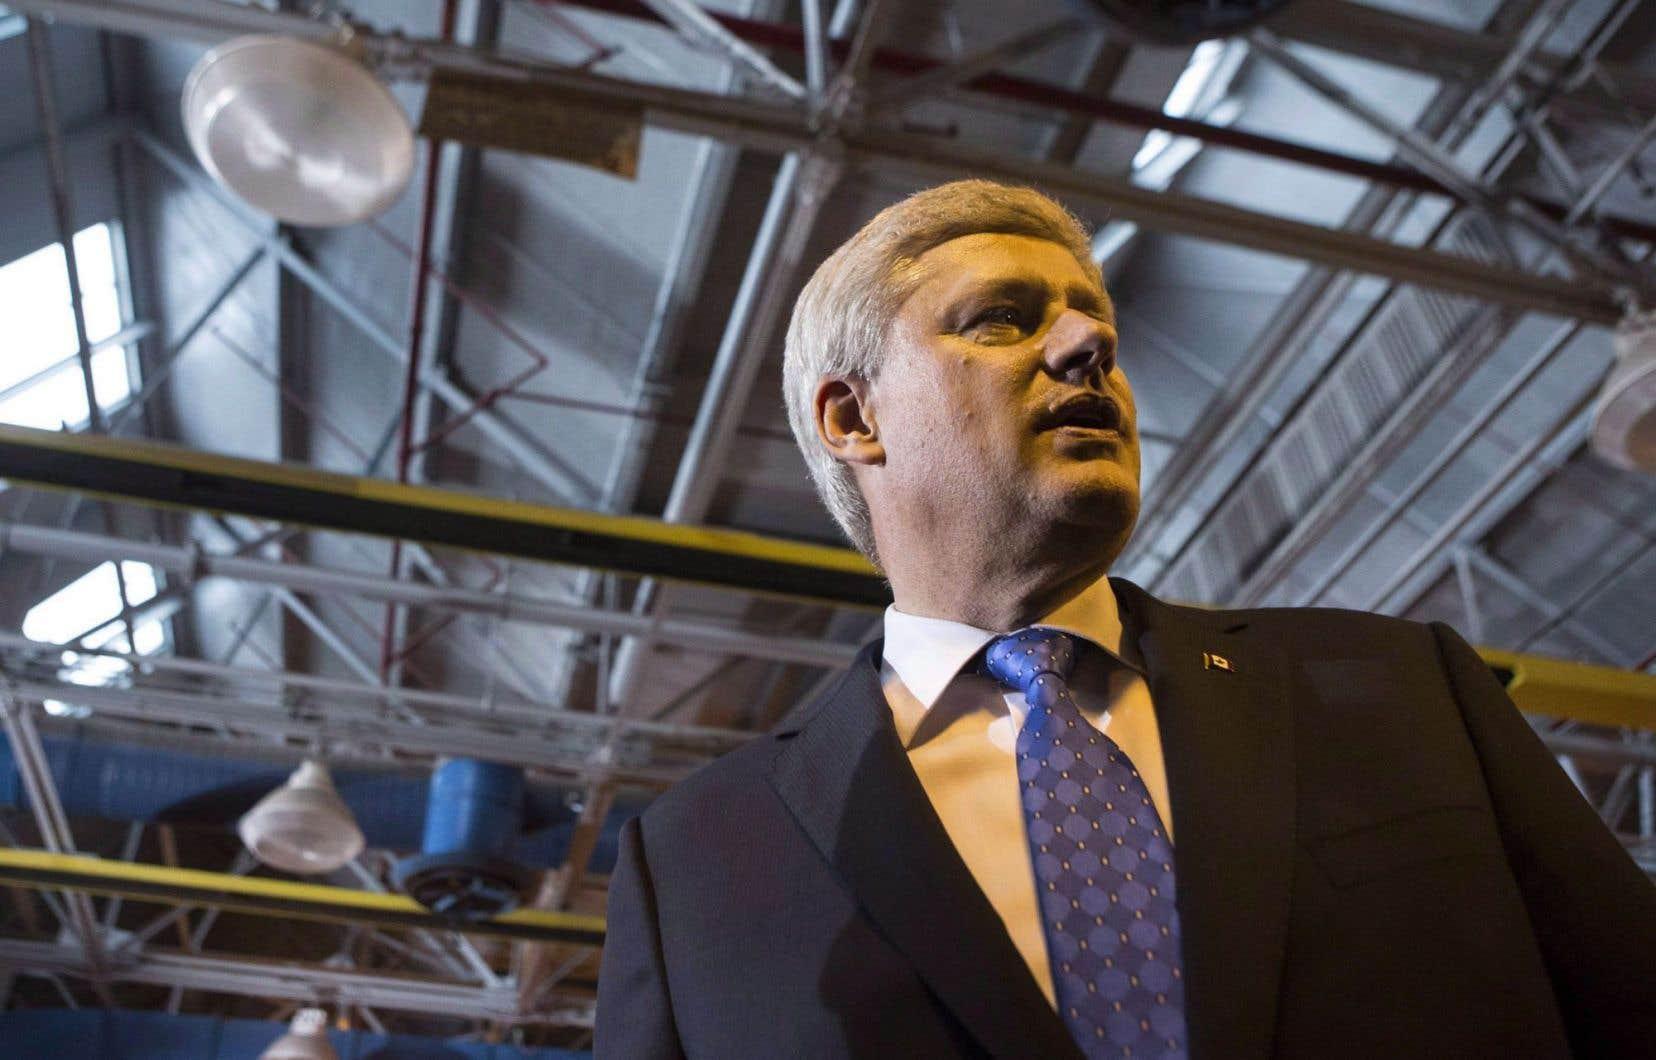 Le groupe HarperPAC confirme qu'il compte tout mettre en œuvre pour faire passer son message dans les prochains mois et favoriser la réélection de Stephen Harper.